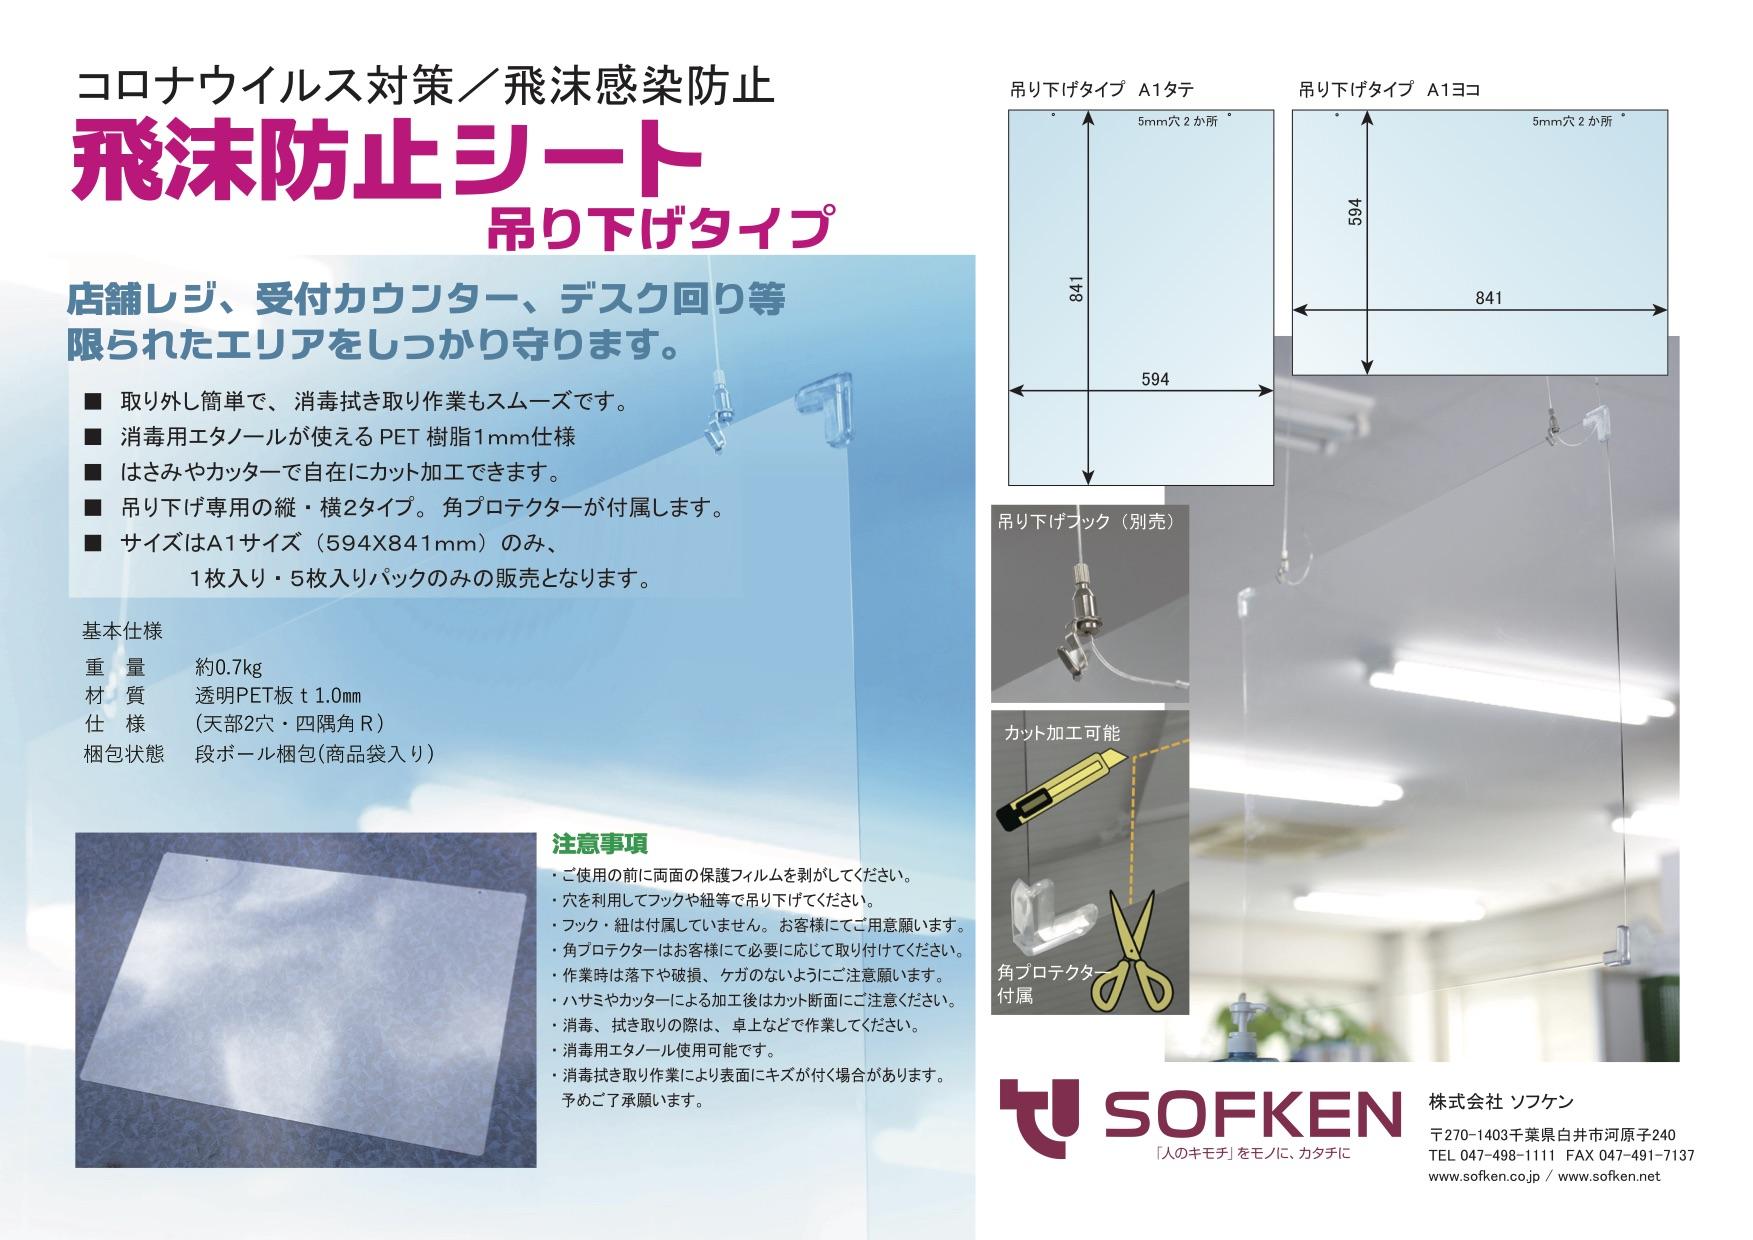 ソフケン「飛沫防止シート 吊り下げタイプ」設置イメージ